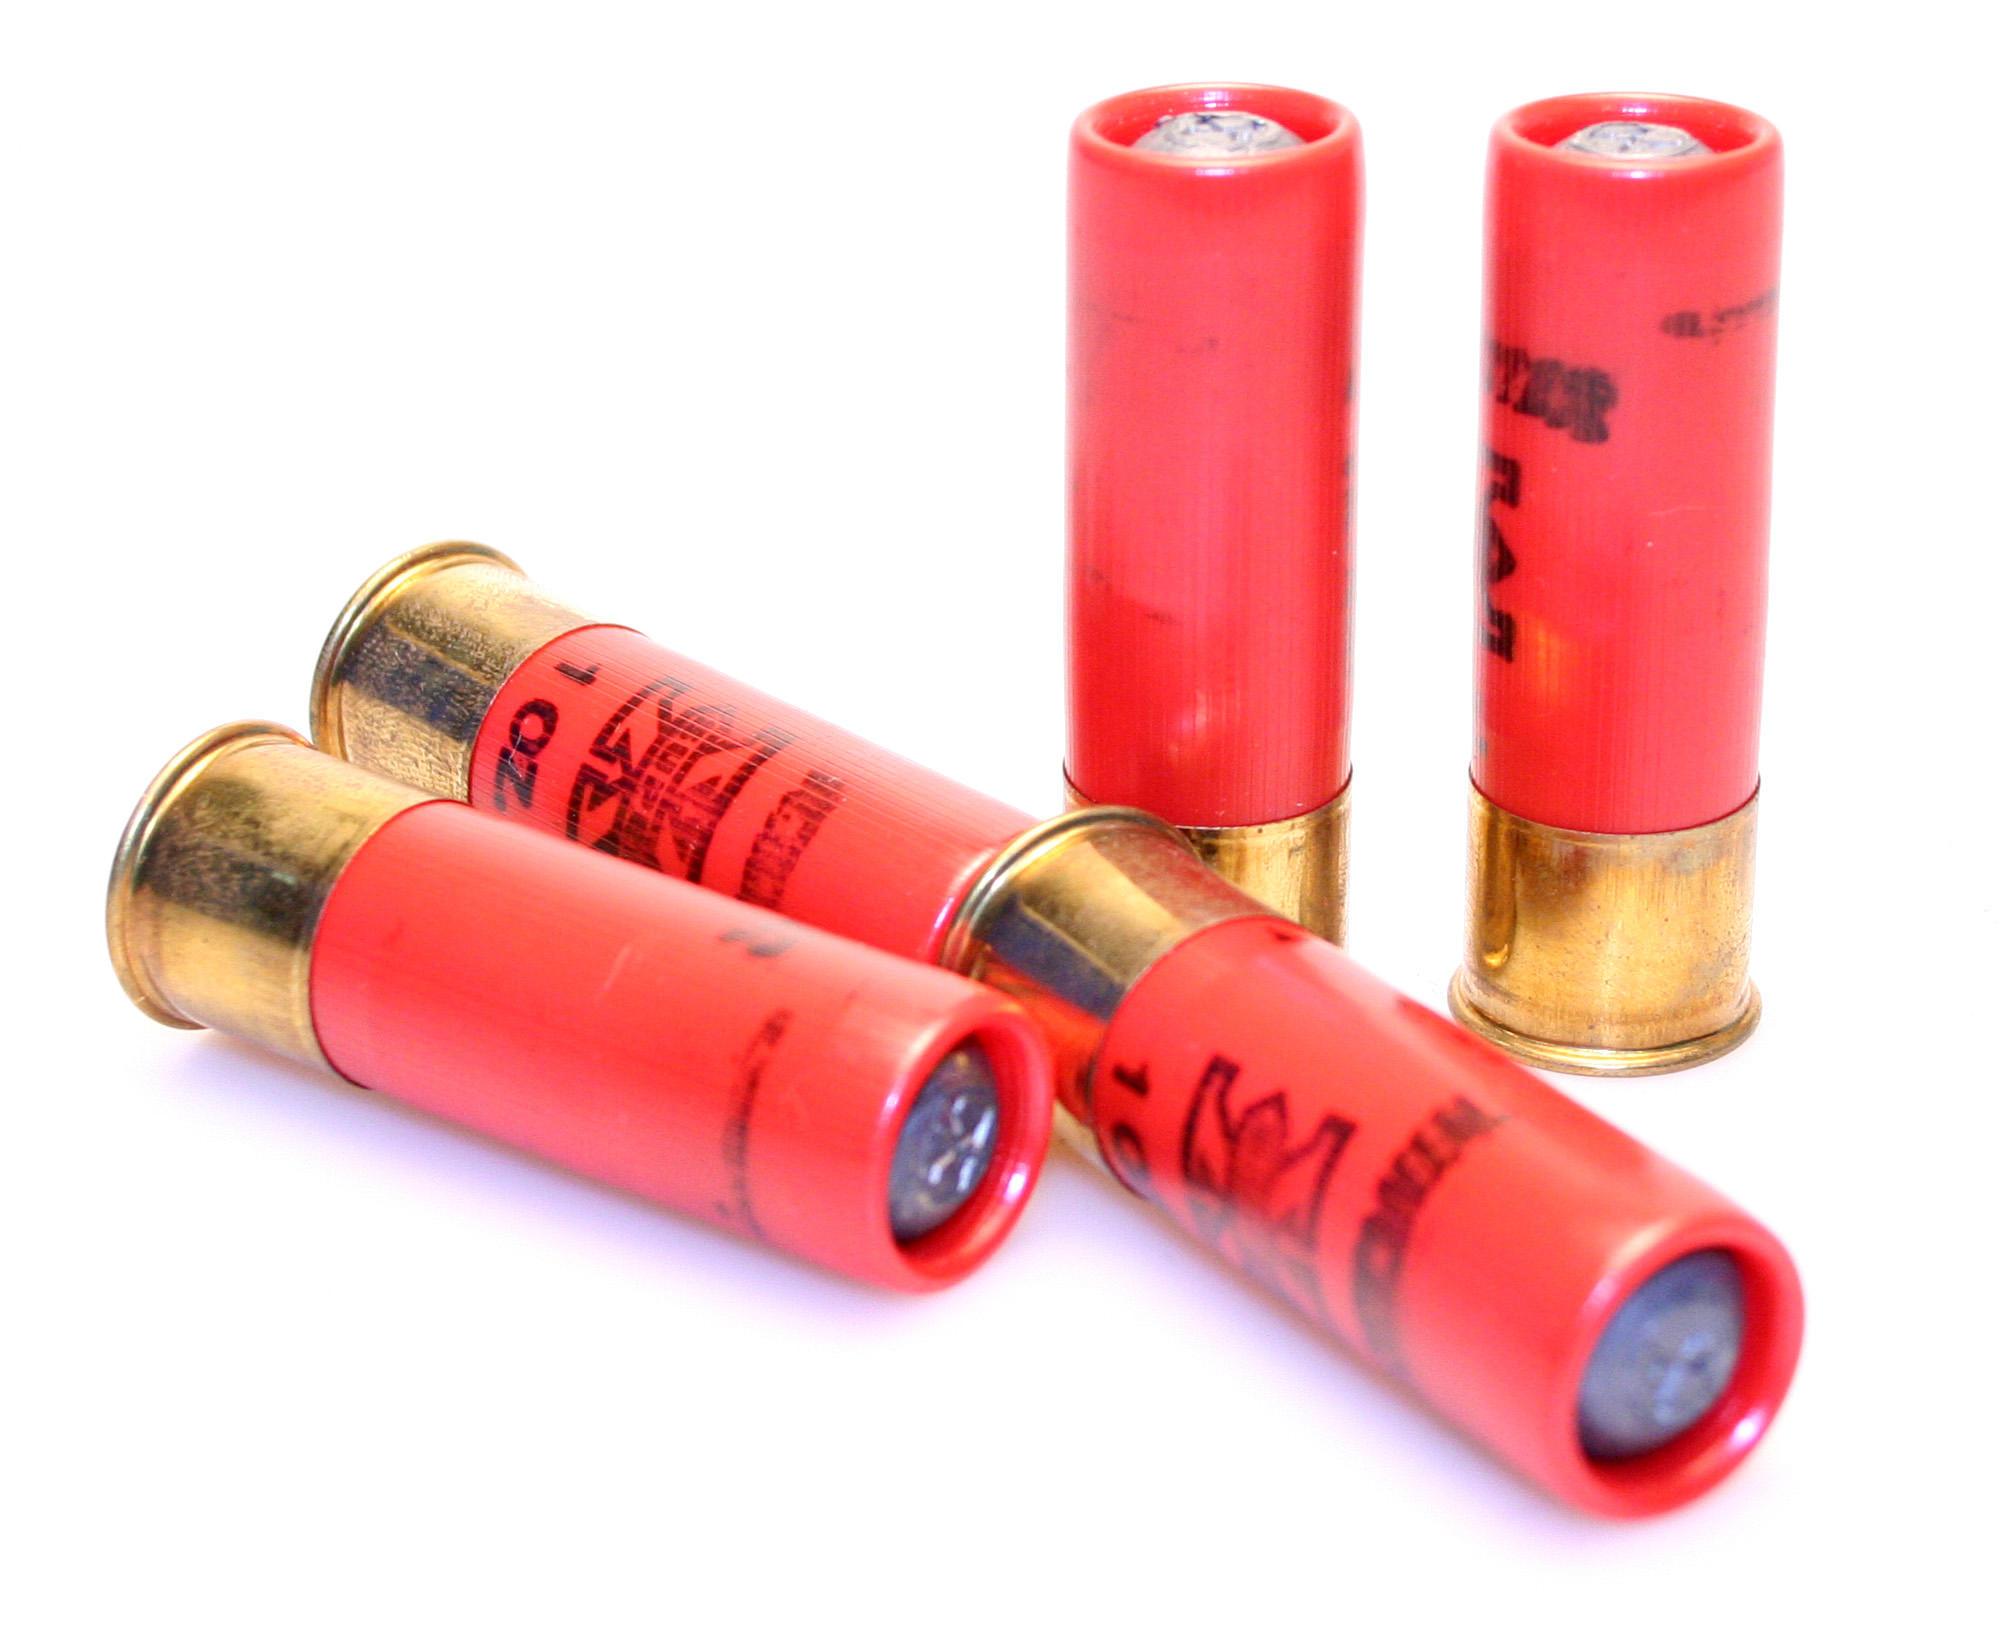 12 Gauge Shotgun Shells SLUG 1 by eviln8 on DeviantArt